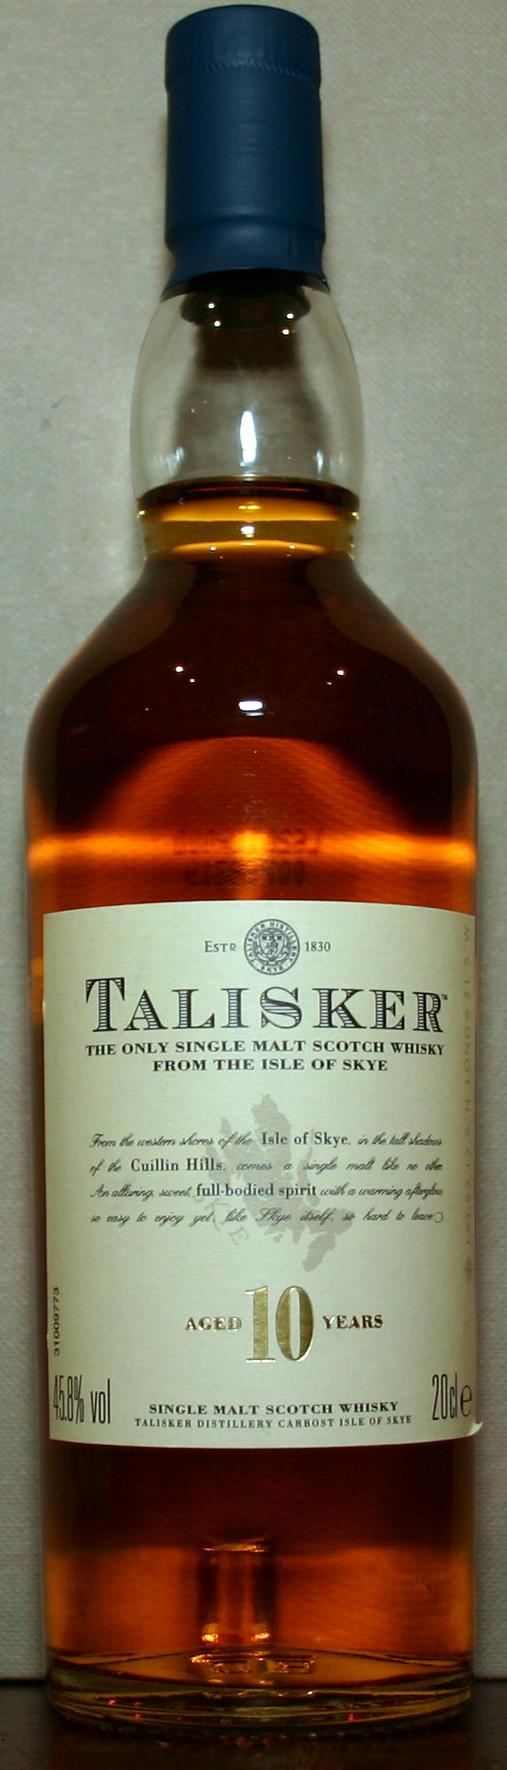 A bottle of Scotch whisky